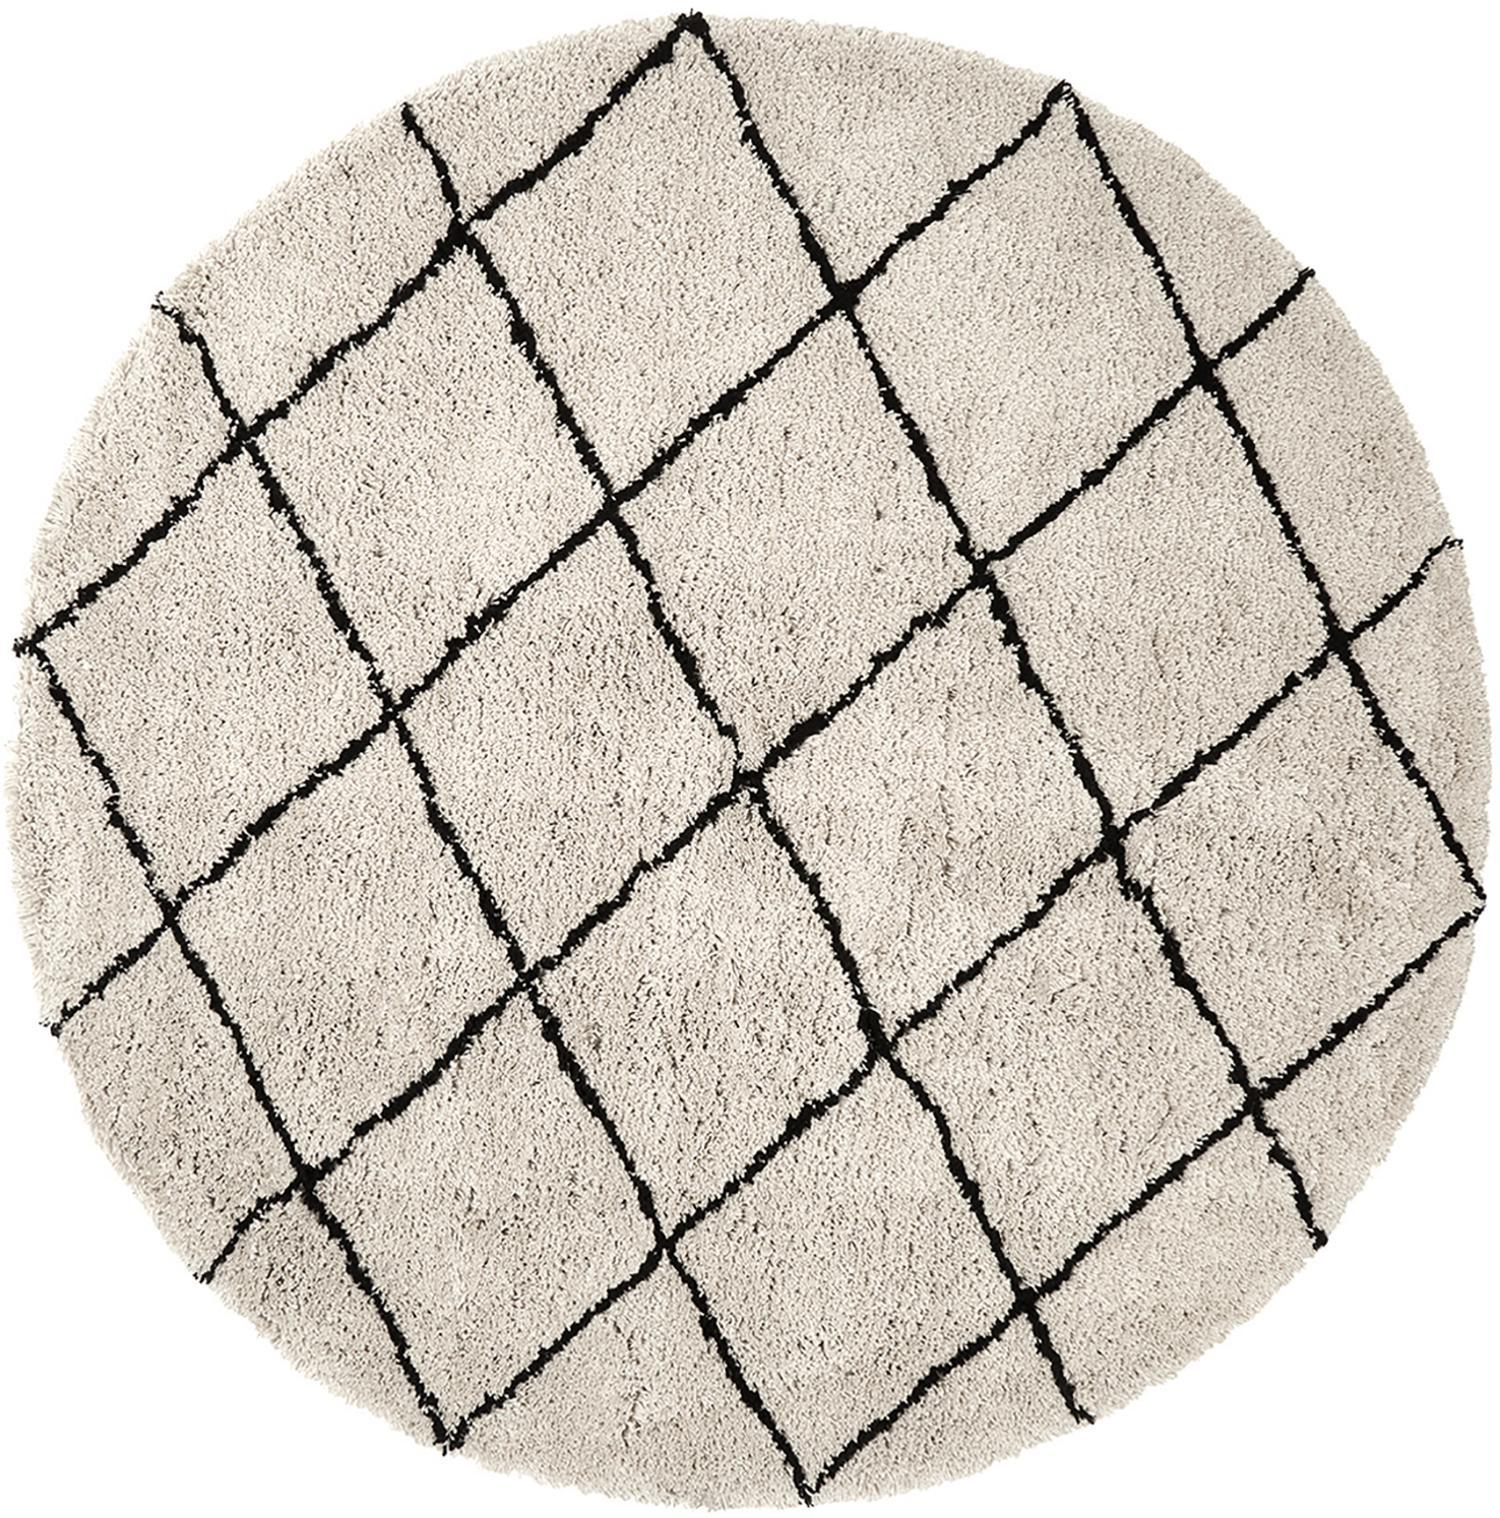 Runder flauschiger Hochflor-Teppich Naima, handgetuftet, Flor: Polyester, Beige, Schwarz, Ø 200 cm (Grösse L)